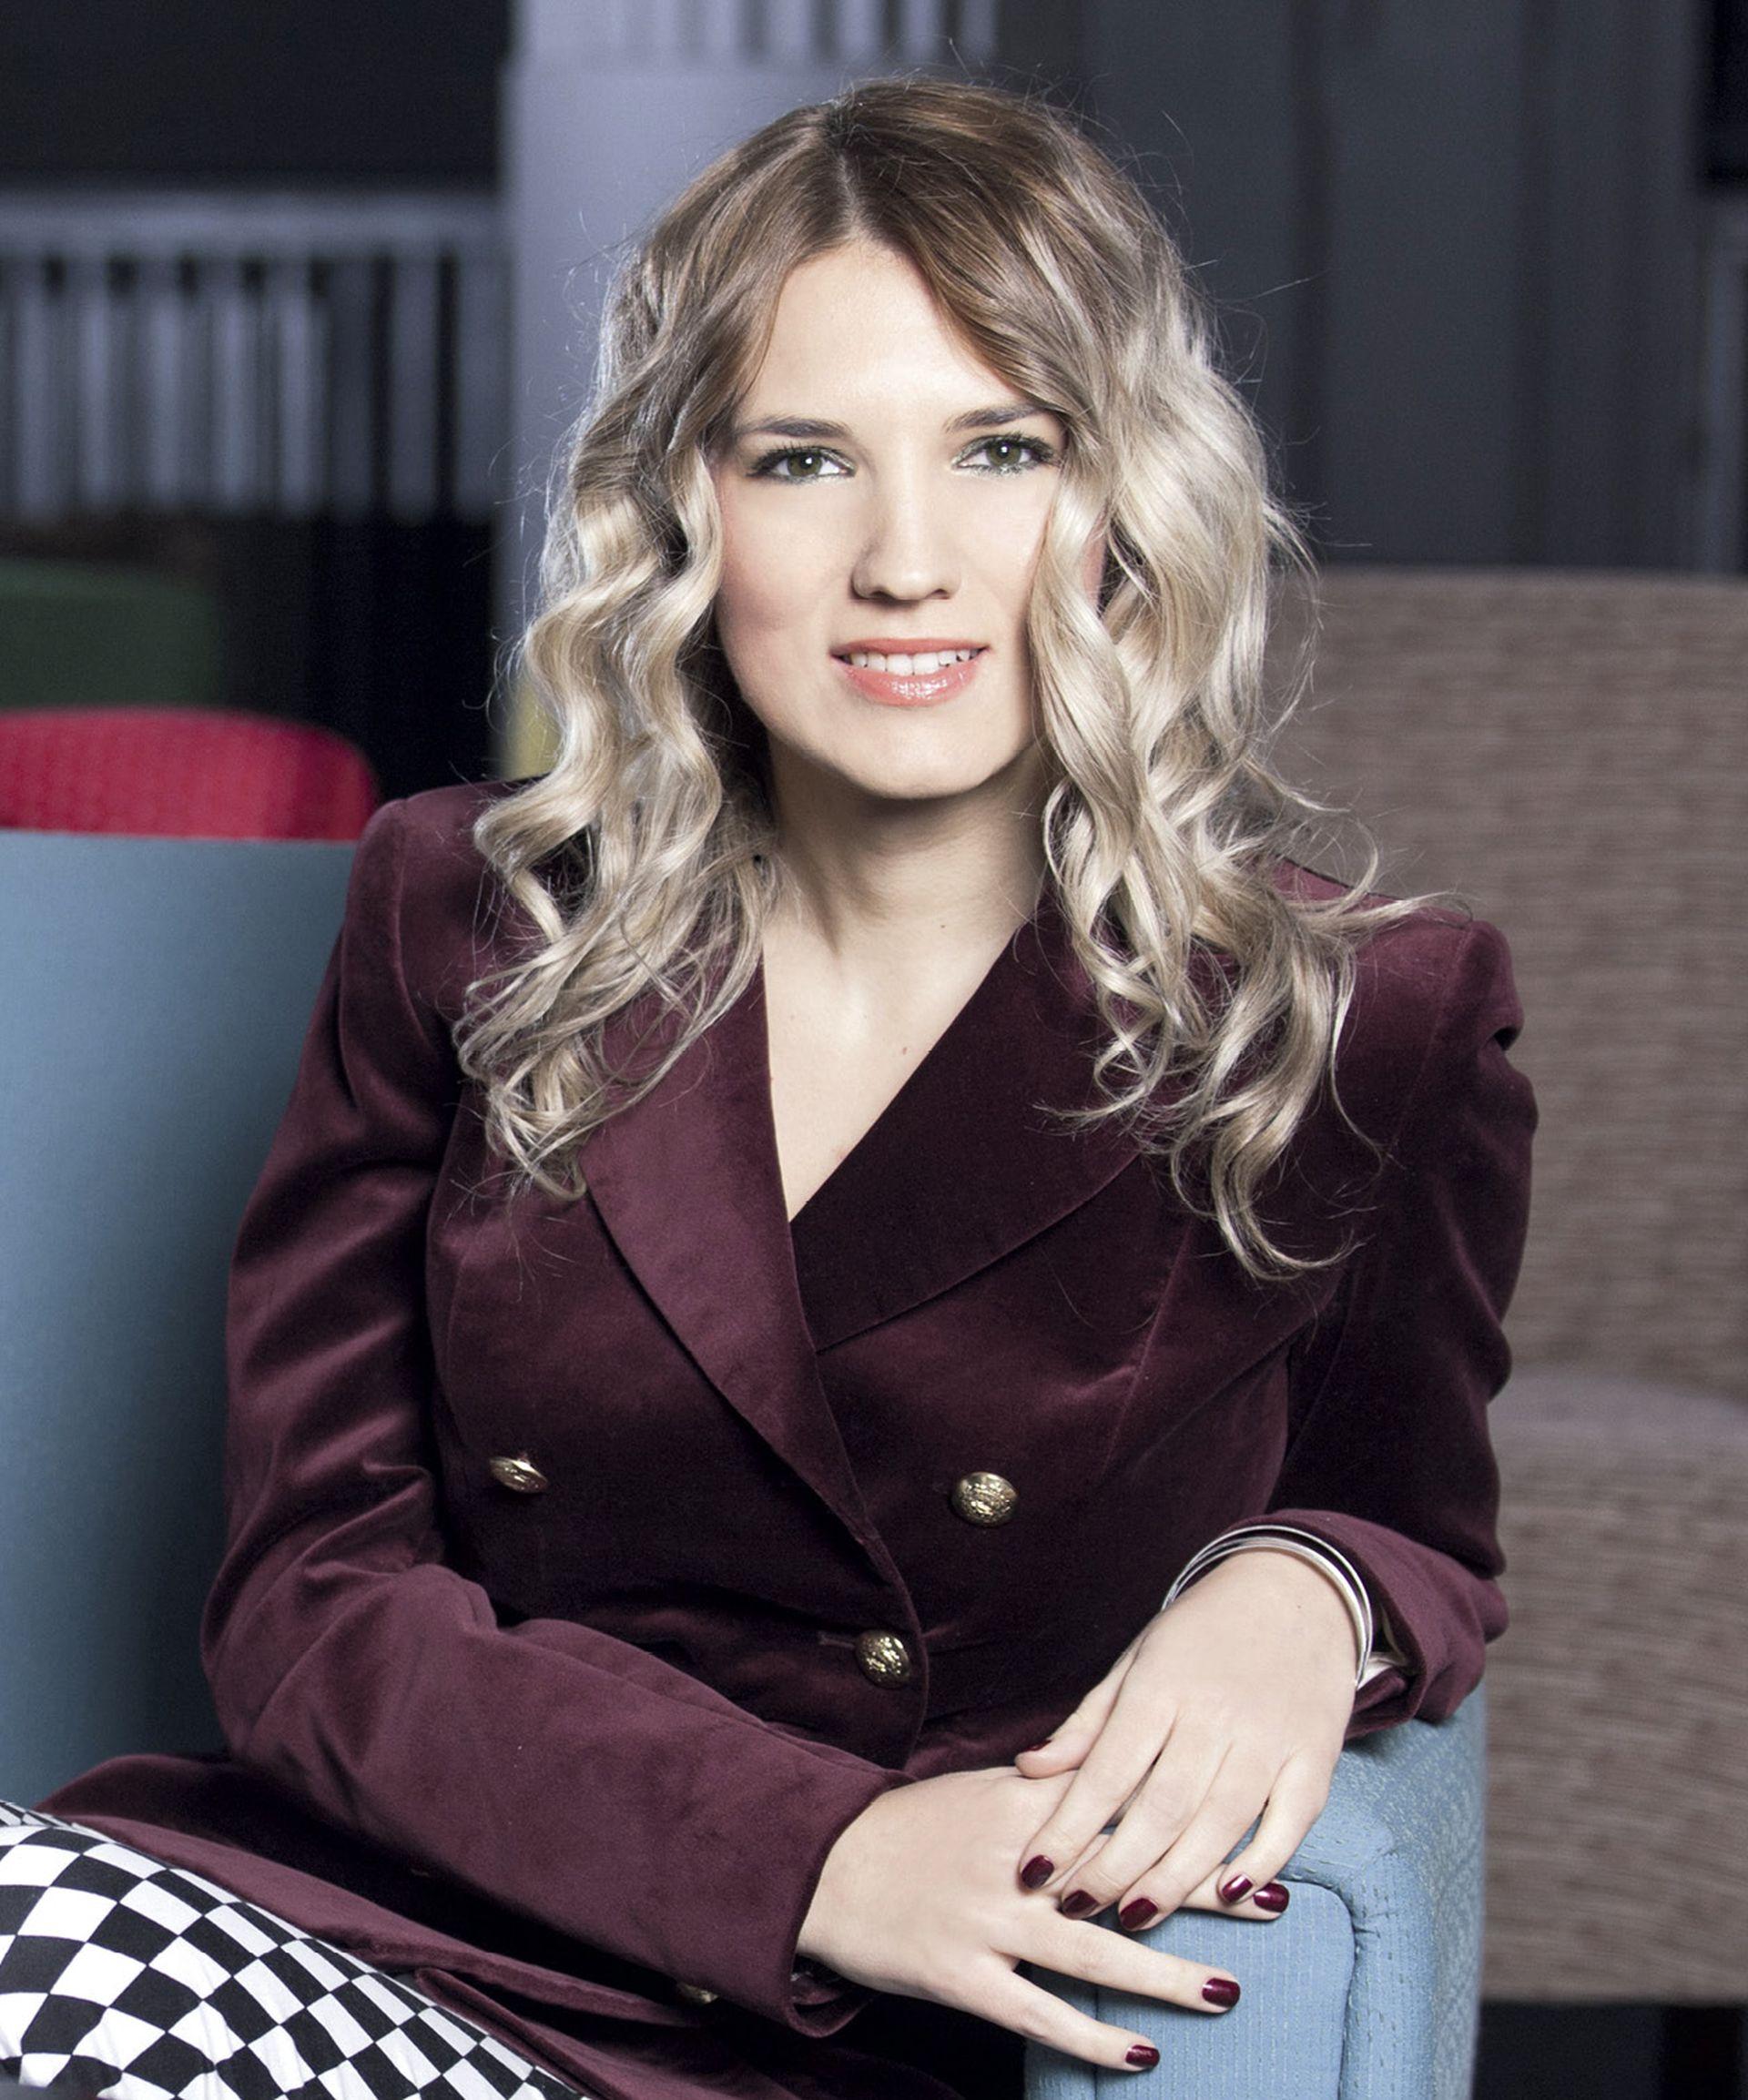 INTERVIEW: IRENA ŠKORIĆ 'Da nije bilo natječaja mimo HAVC-a, Hribar bi mi uništio karijeru'